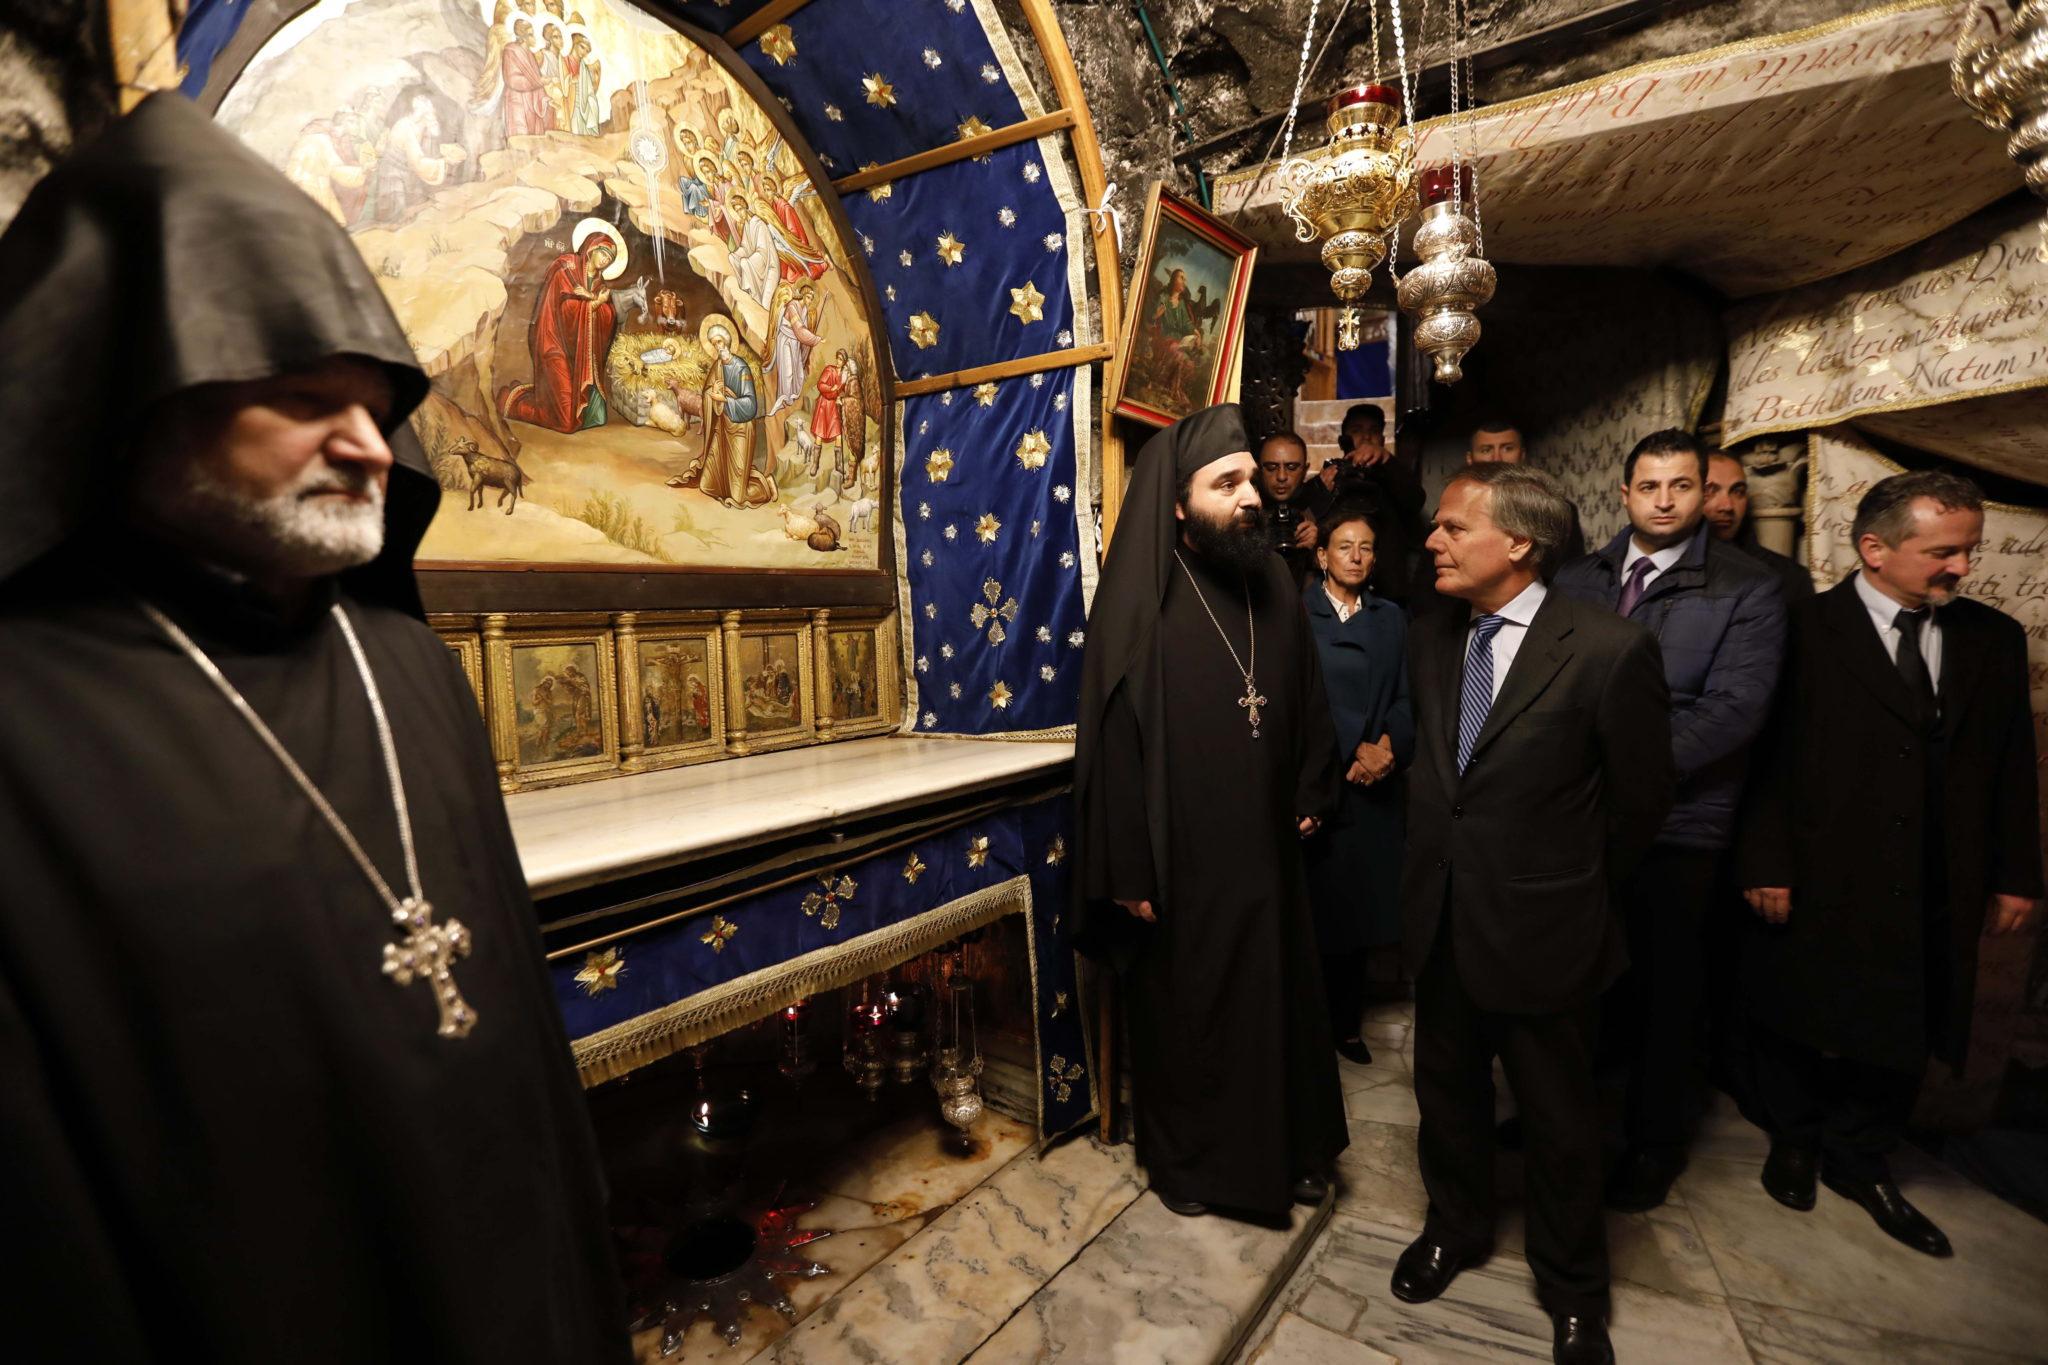 Minister spraw zagranicznych Włoch Enzo Moavero Milanesi odwiedził kościół Narodzenia Pańskiego w Betlejem. Szef włoskiego MSZ odwiedził Izrael i Palestynę, fot. ABED AL HASHLAMOUN, PAP/EPA.